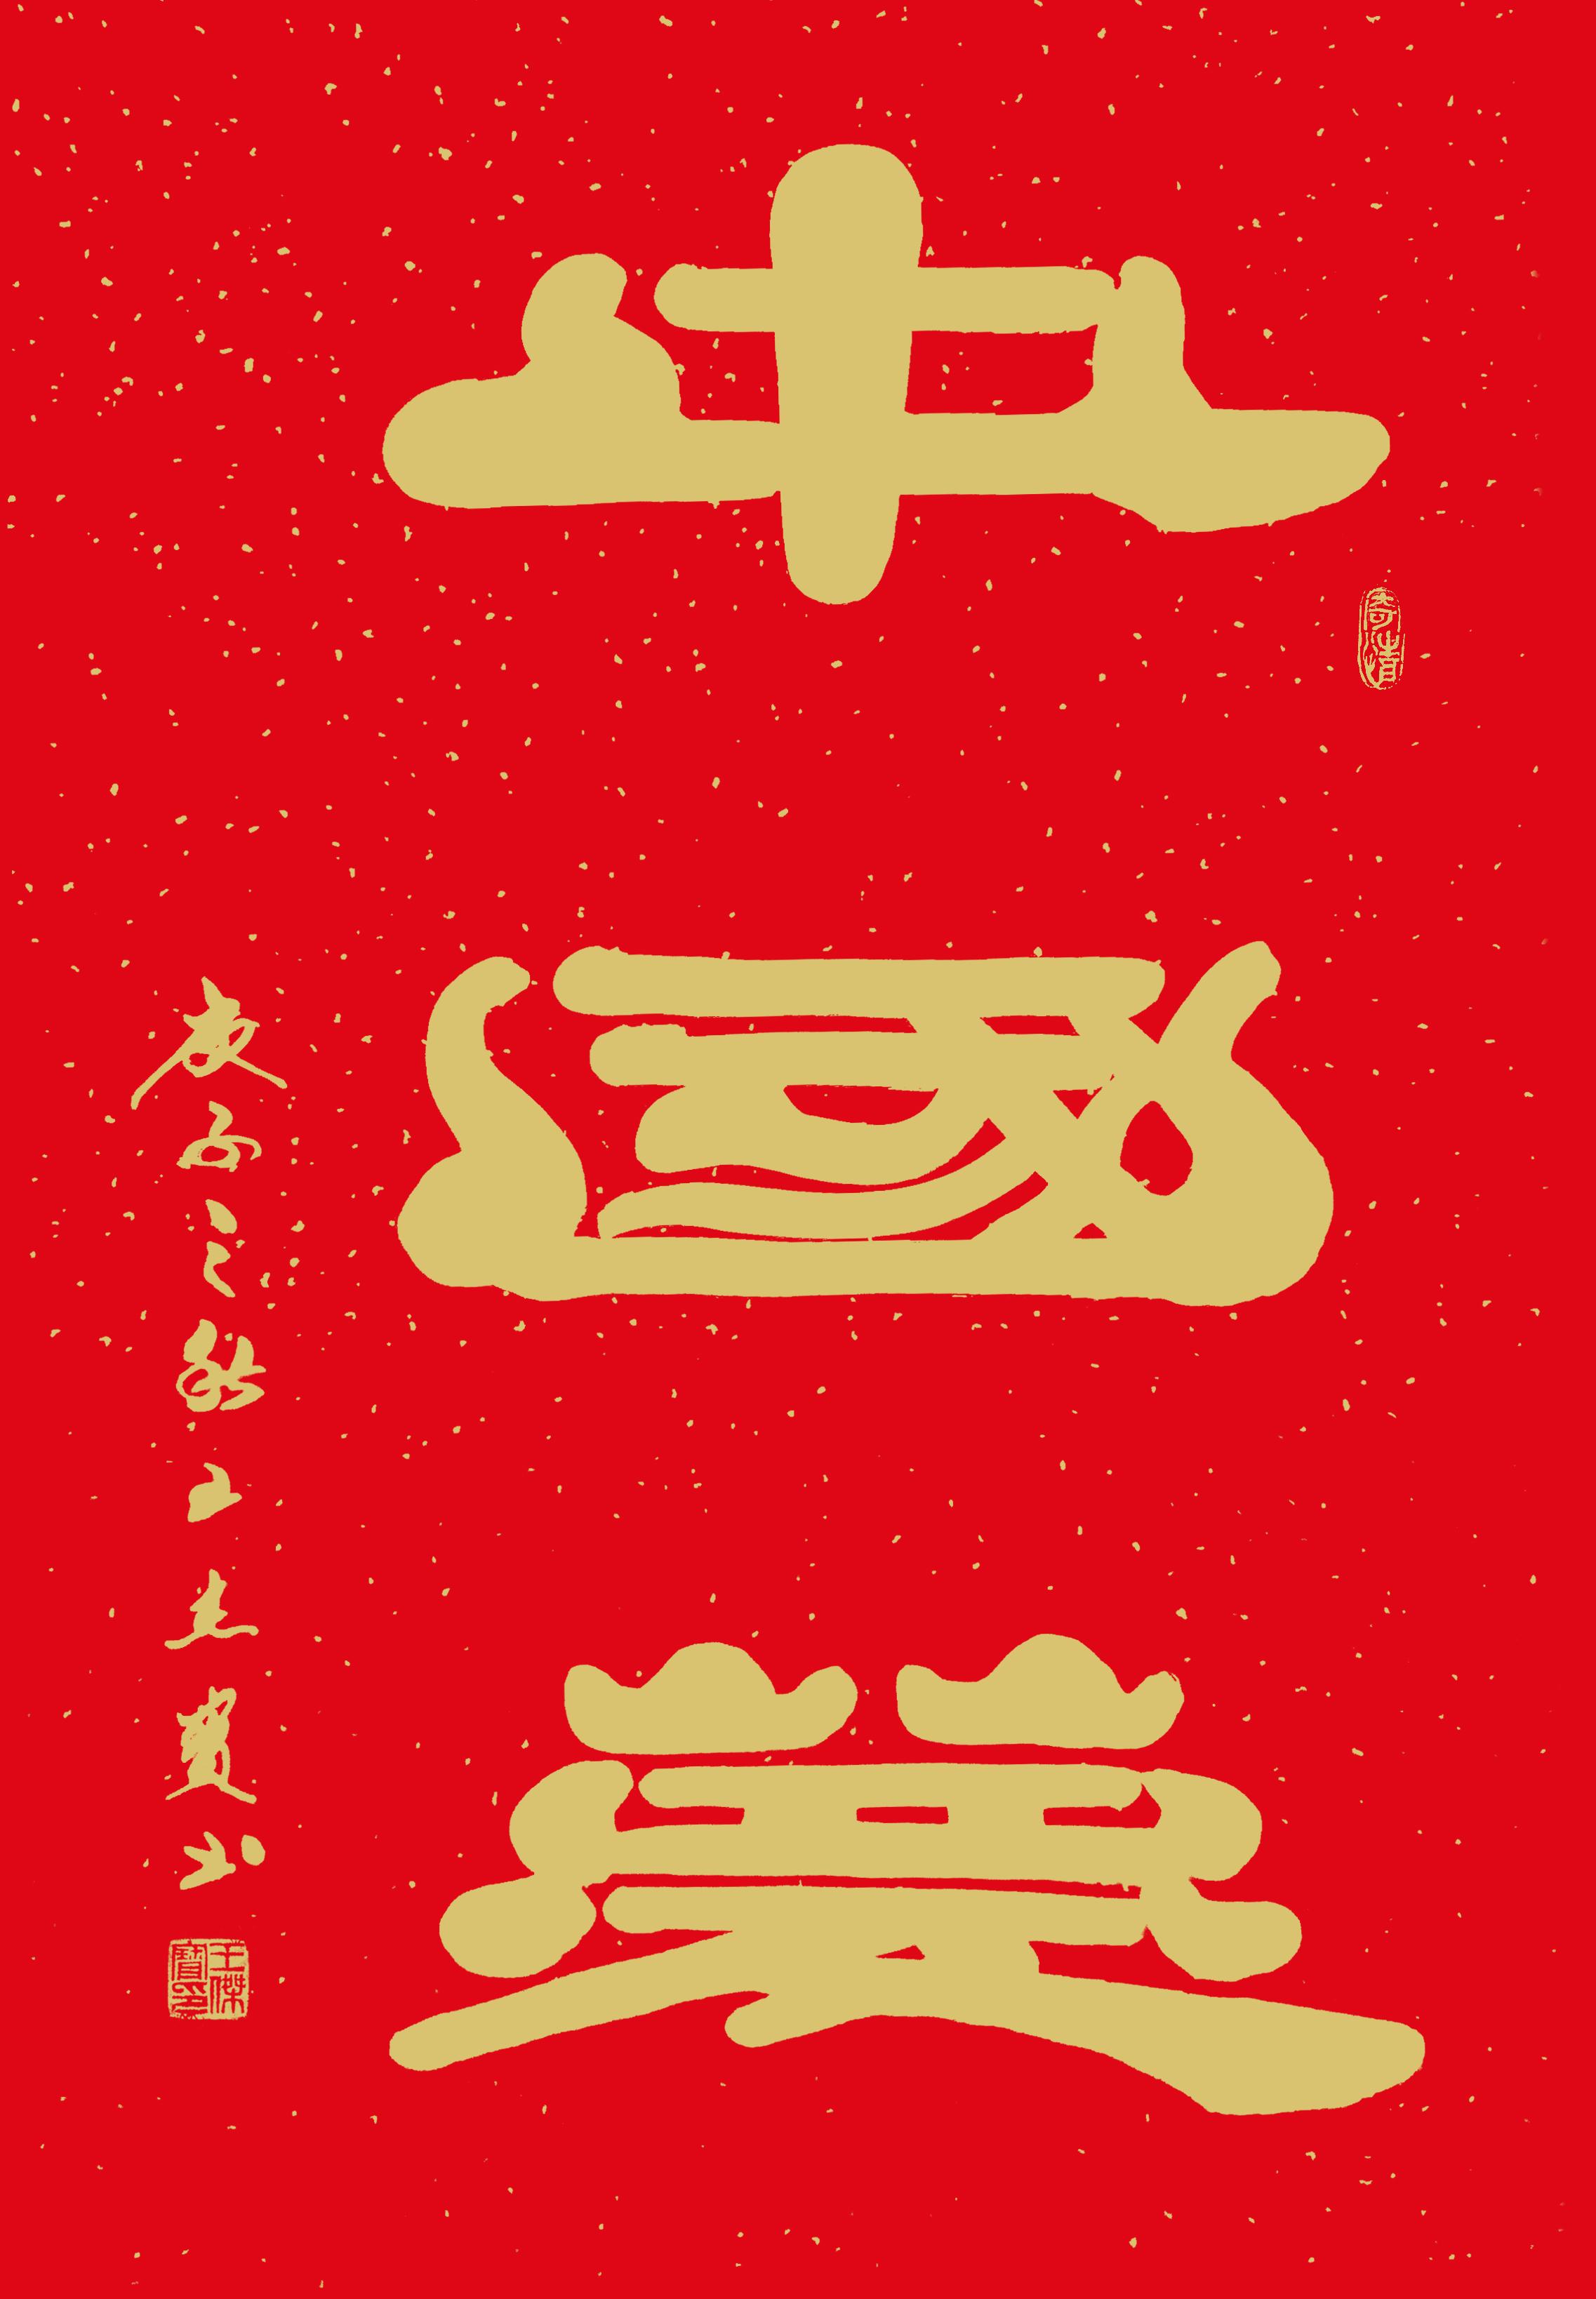 「艺冠古今 历史传奇」一代名家——王杰宝